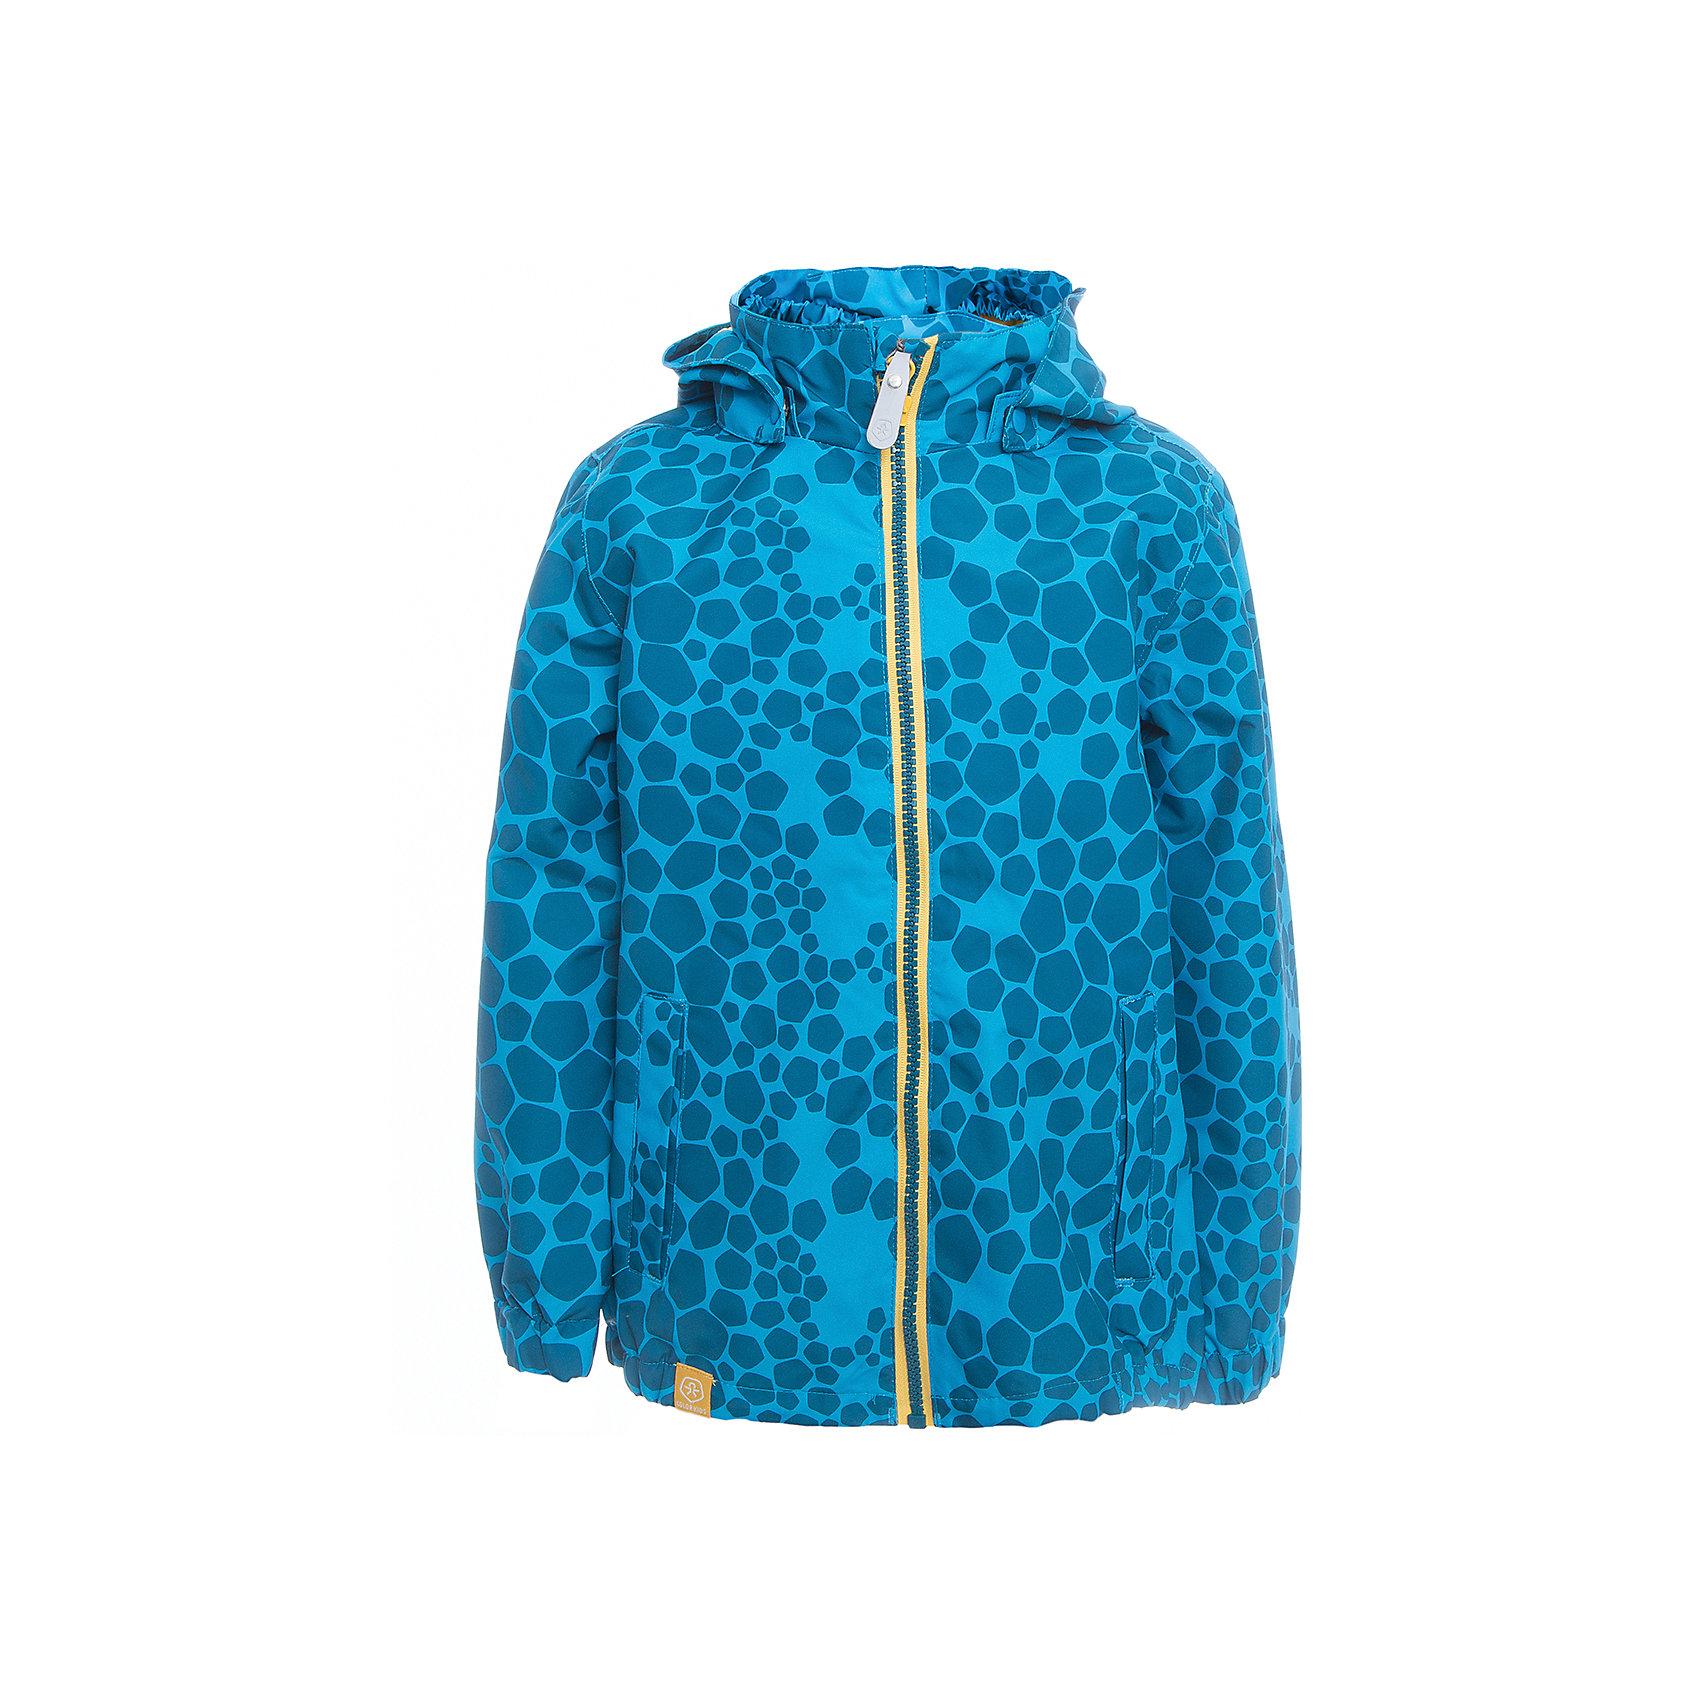 Ветровка для мальчика Color KidsВерхняя одежда<br>Характеристики товара:<br><br>• цвет: голубой<br>• состав: 100 % полиэстер, таслан<br>• подкладка: 100 % полиэфир, тафетта<br>• без утеплителя<br>• температурный режим: +10 С° до +20 С°<br>• мембранная технология<br>• водонепроницаемость: 3000 мм<br>• воздухопроницаемость: 3000 мм<br>• пропитка BIONIC-FINISH® ECO не содержащая фтора, парафина и формальдегида (дополнительная защита от грязи)<br>• проклеенные швы<br>• утяжка по низу куртки<br>• светоотражающие детали<br>• швы проклеены<br>• съемный капюшон<br>• защита подбородка<br>• два кармана на молнии<br>• логотип<br>• страна бренда: Дания<br><br>Эта симпатичная и удобная куртка сделана из непромокаемого легкого материала, поэтому отлично подойдет для дождливой погоды в межсезонье. Она комфортно сидит и обеспечивает ребенку необходимое удобство. Очень стильно смотрится.<br><br>Ветровку для мальчика от датского бренда Color Kids (Колор кидз) можно купить в нашем интернет-магазине.<br><br>Ширина мм: 356<br>Глубина мм: 10<br>Высота мм: 245<br>Вес г: 519<br>Цвет: голубой<br>Возраст от месяцев: 24<br>Возраст до месяцев: 36<br>Пол: Мужской<br>Возраст: Детский<br>Размер: 98,104,110,116,122,140,152,128,92<br>SKU: 5443029